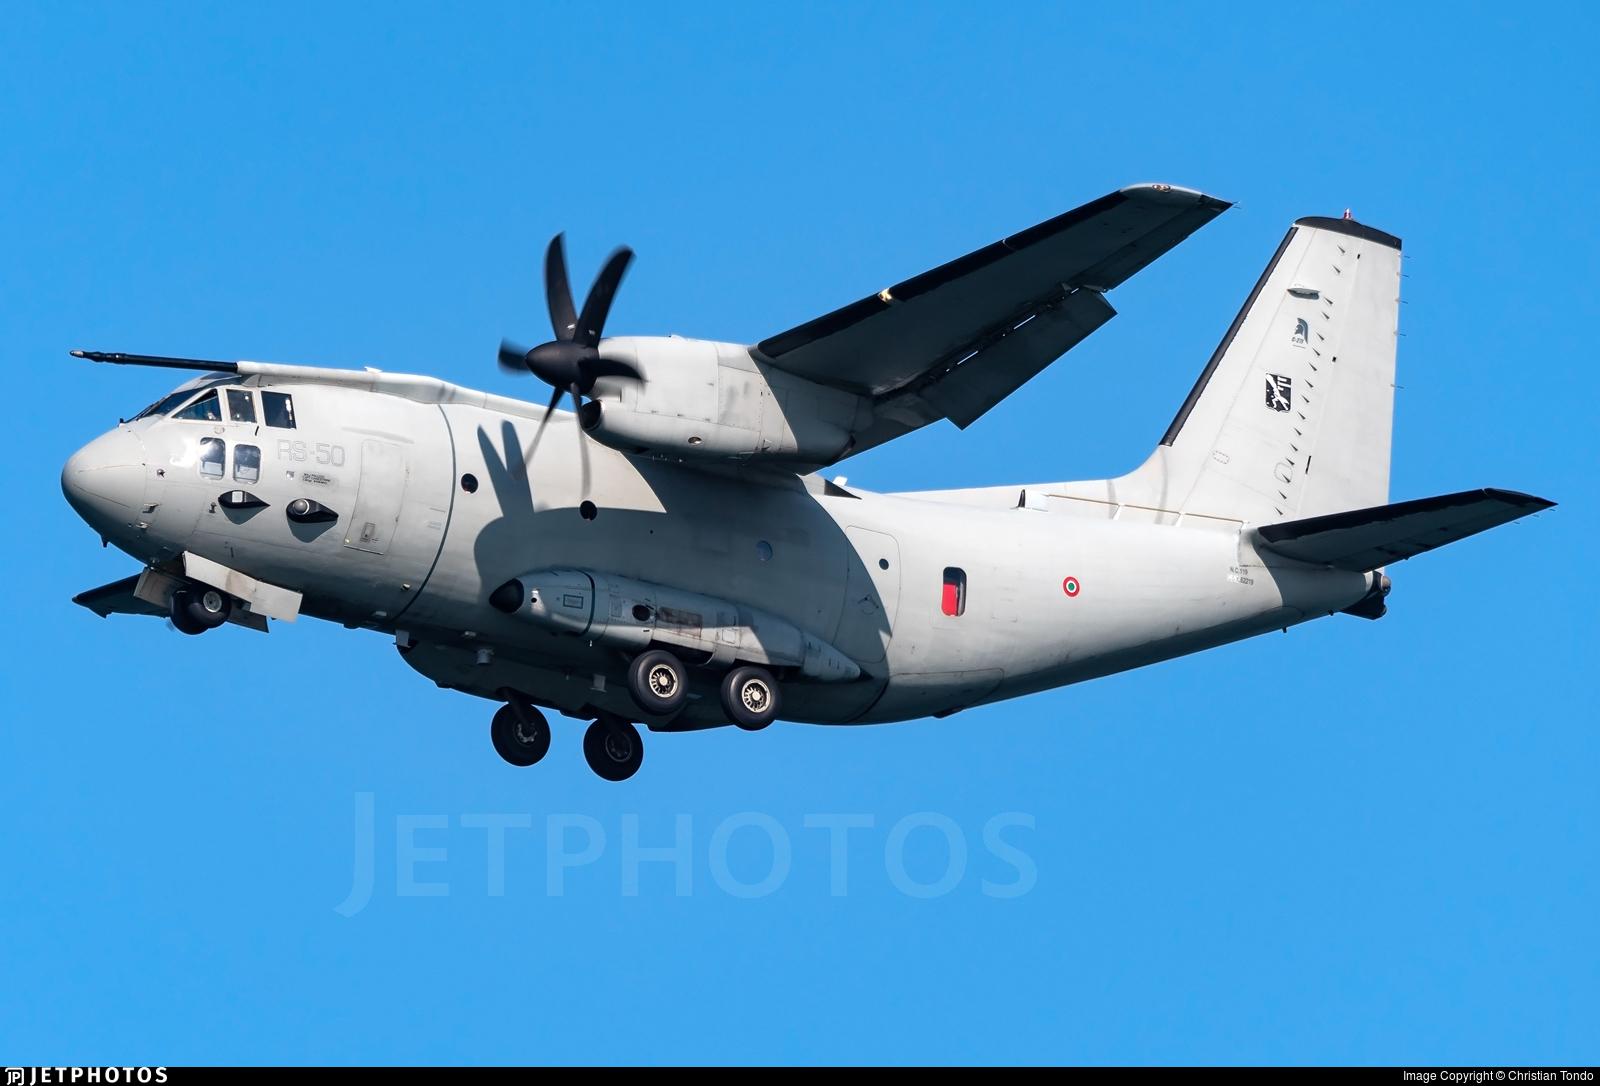 MM62219 - Alenia C-27J Spartan - Italy - Air Force